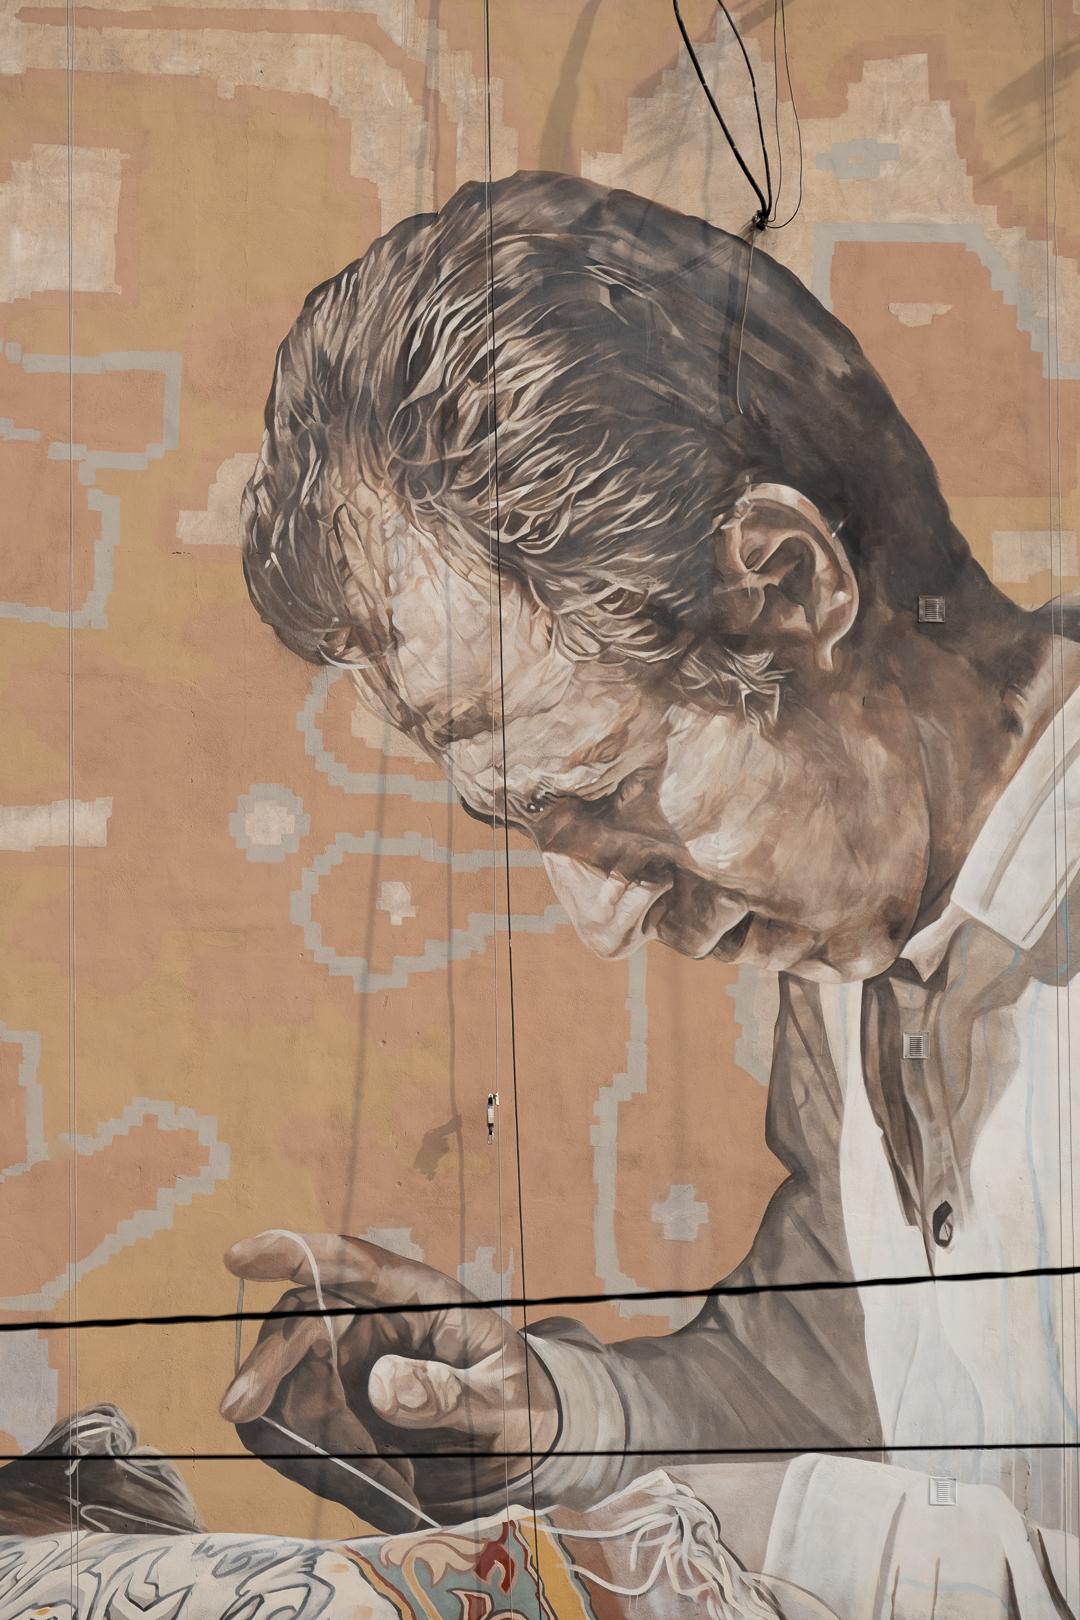 Fintan Magee & Guido Van Helten in Tehran, Iran Artes & contextos TehranGVH Instagram 2735 2